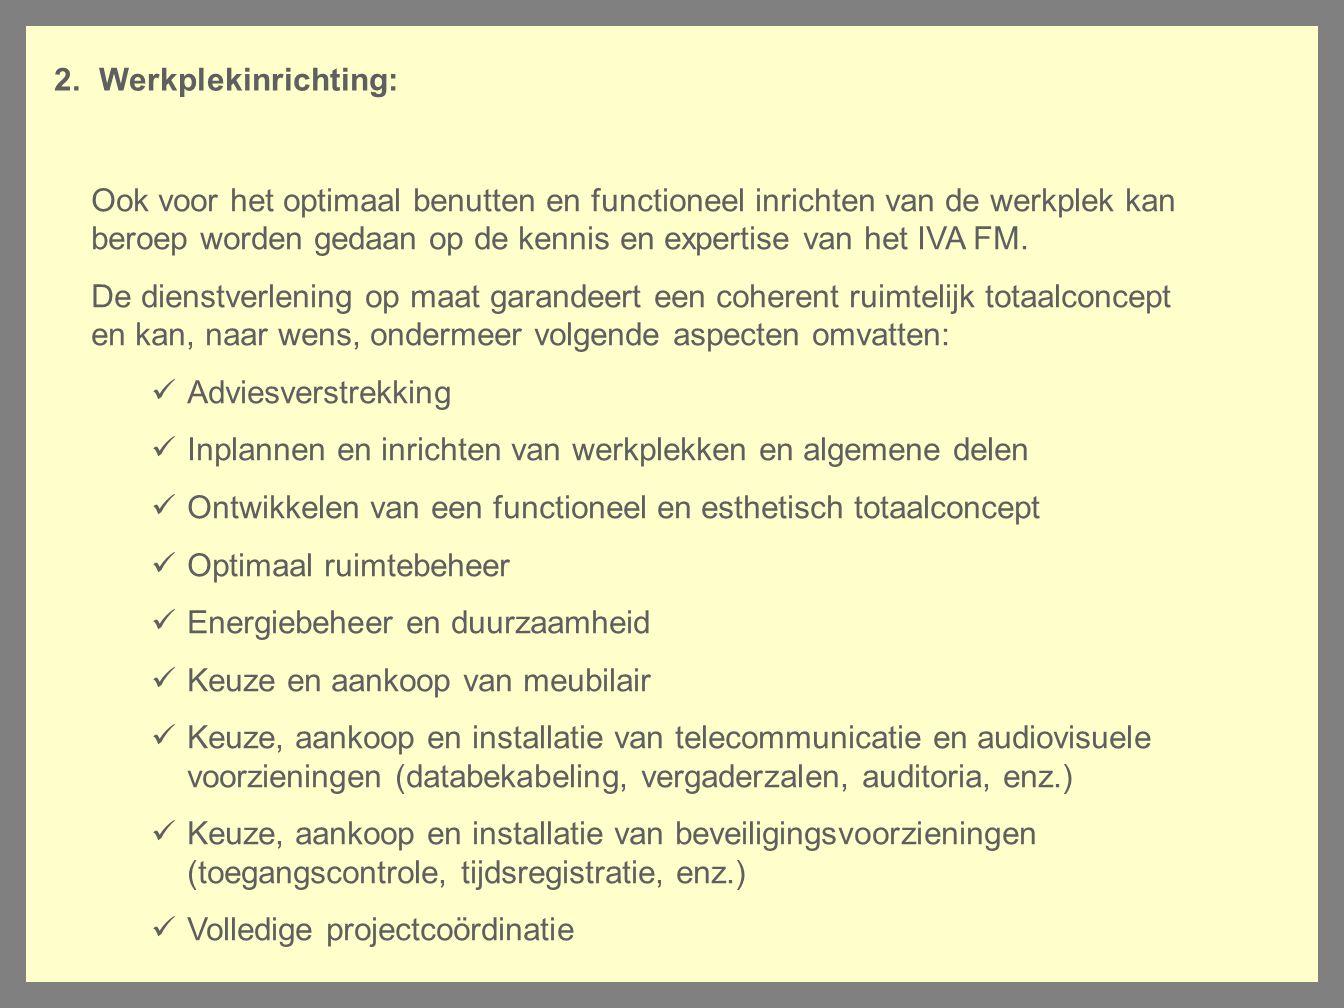 Werkplekinrichting: